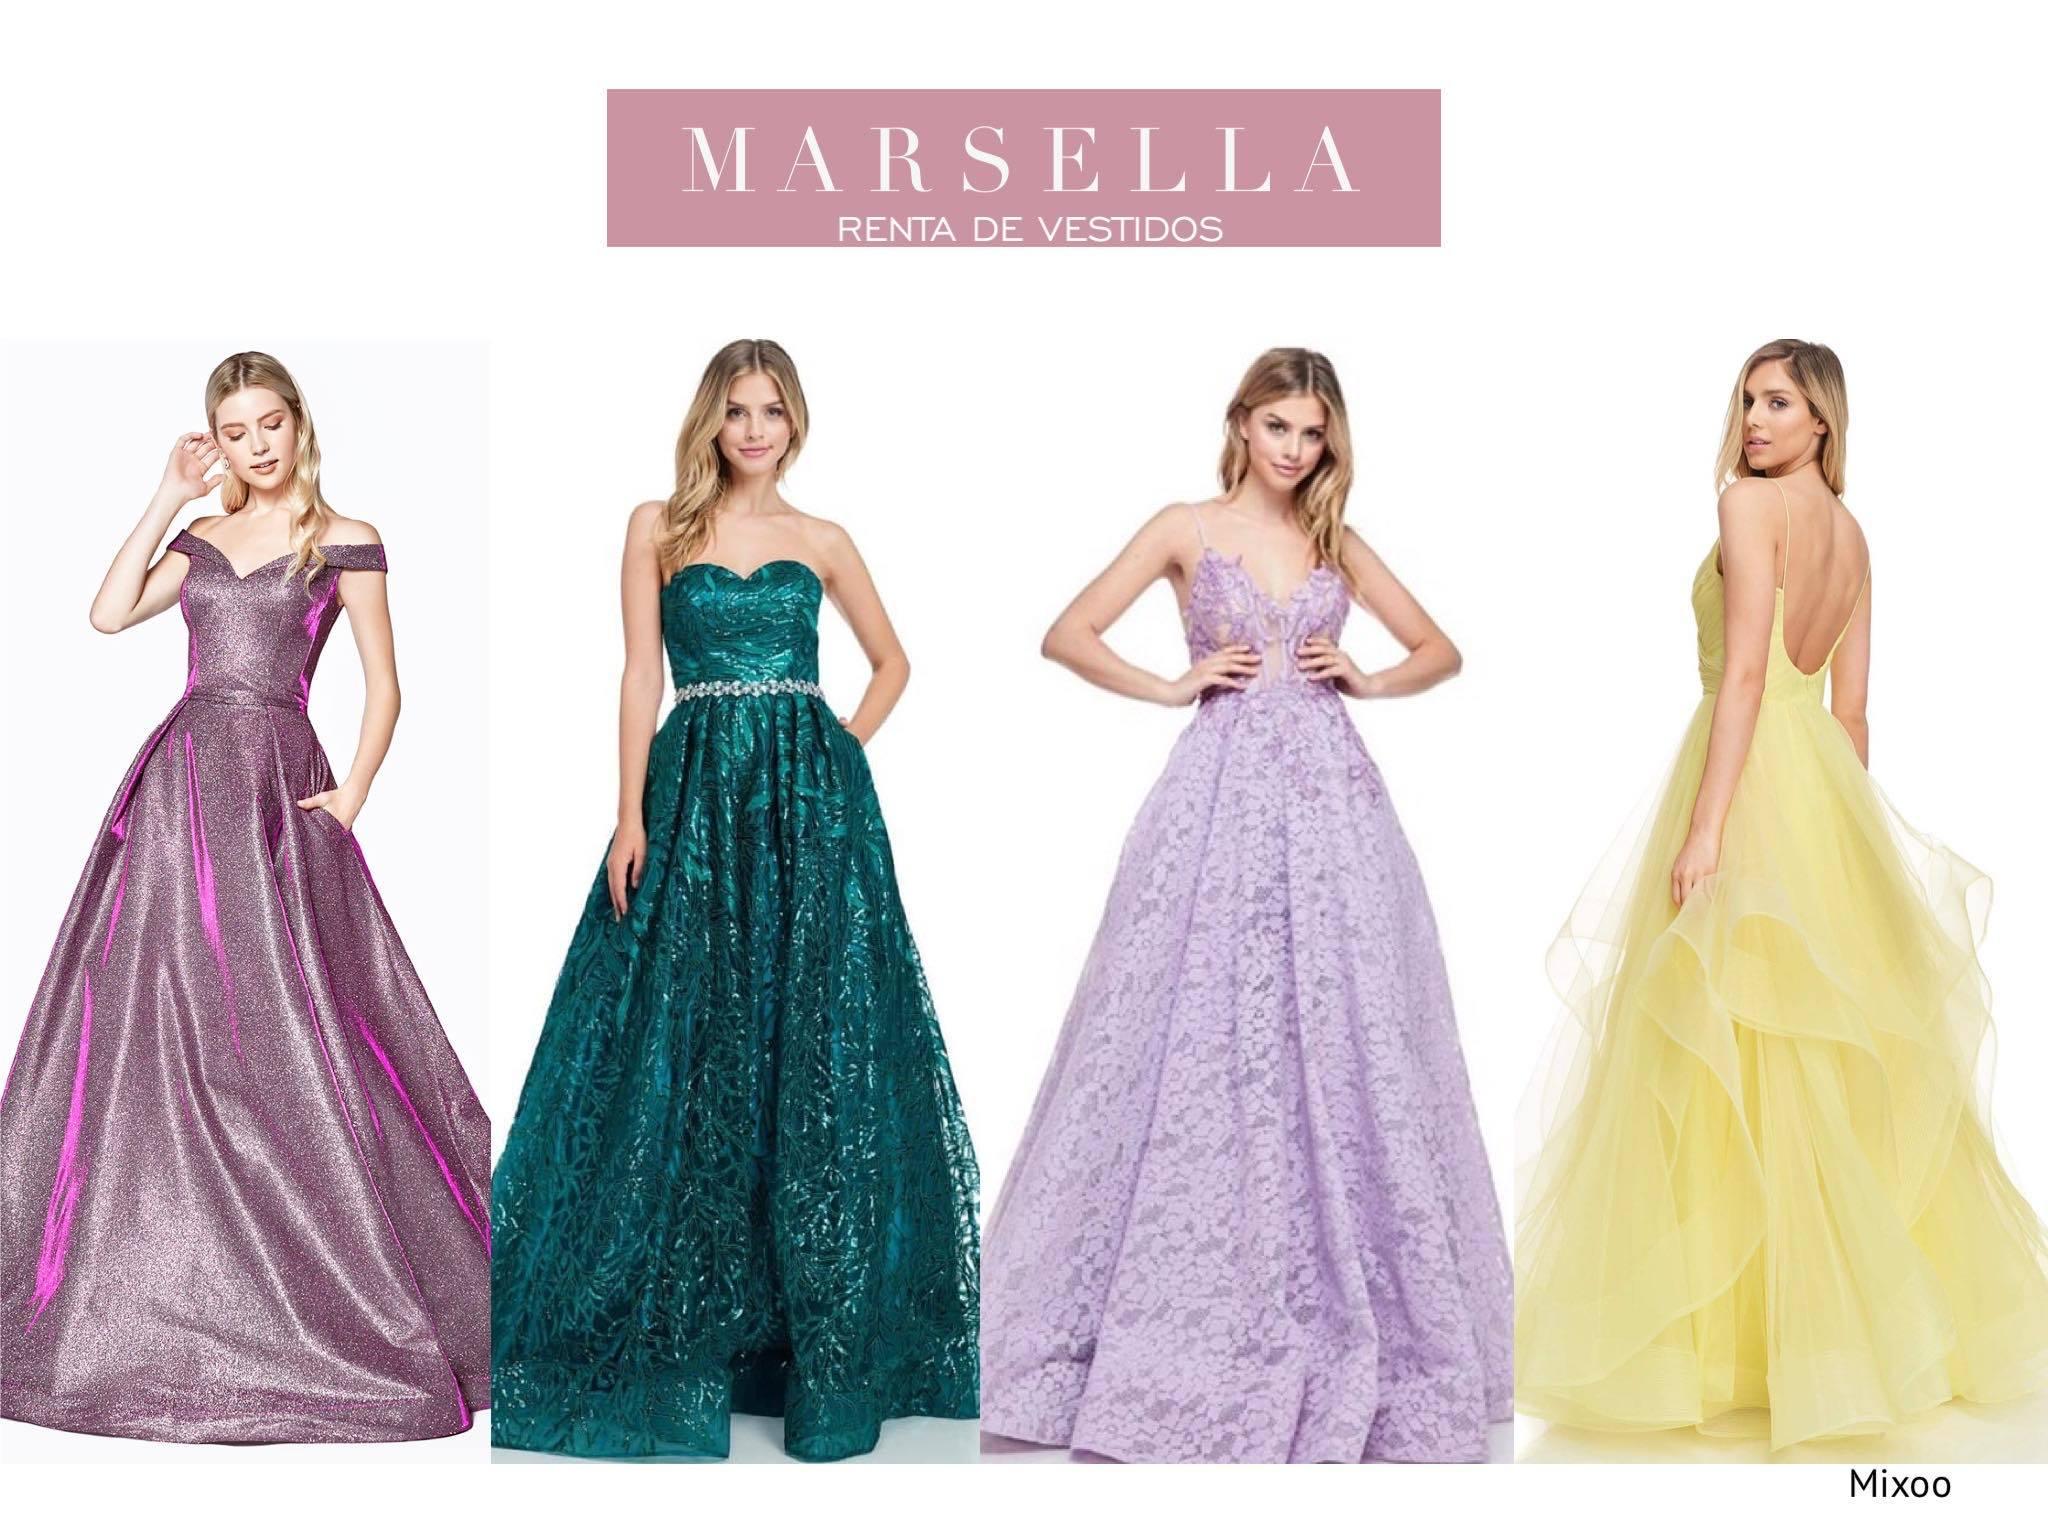 Renta de Vestidos / Clothing Rentals for Special Occasions